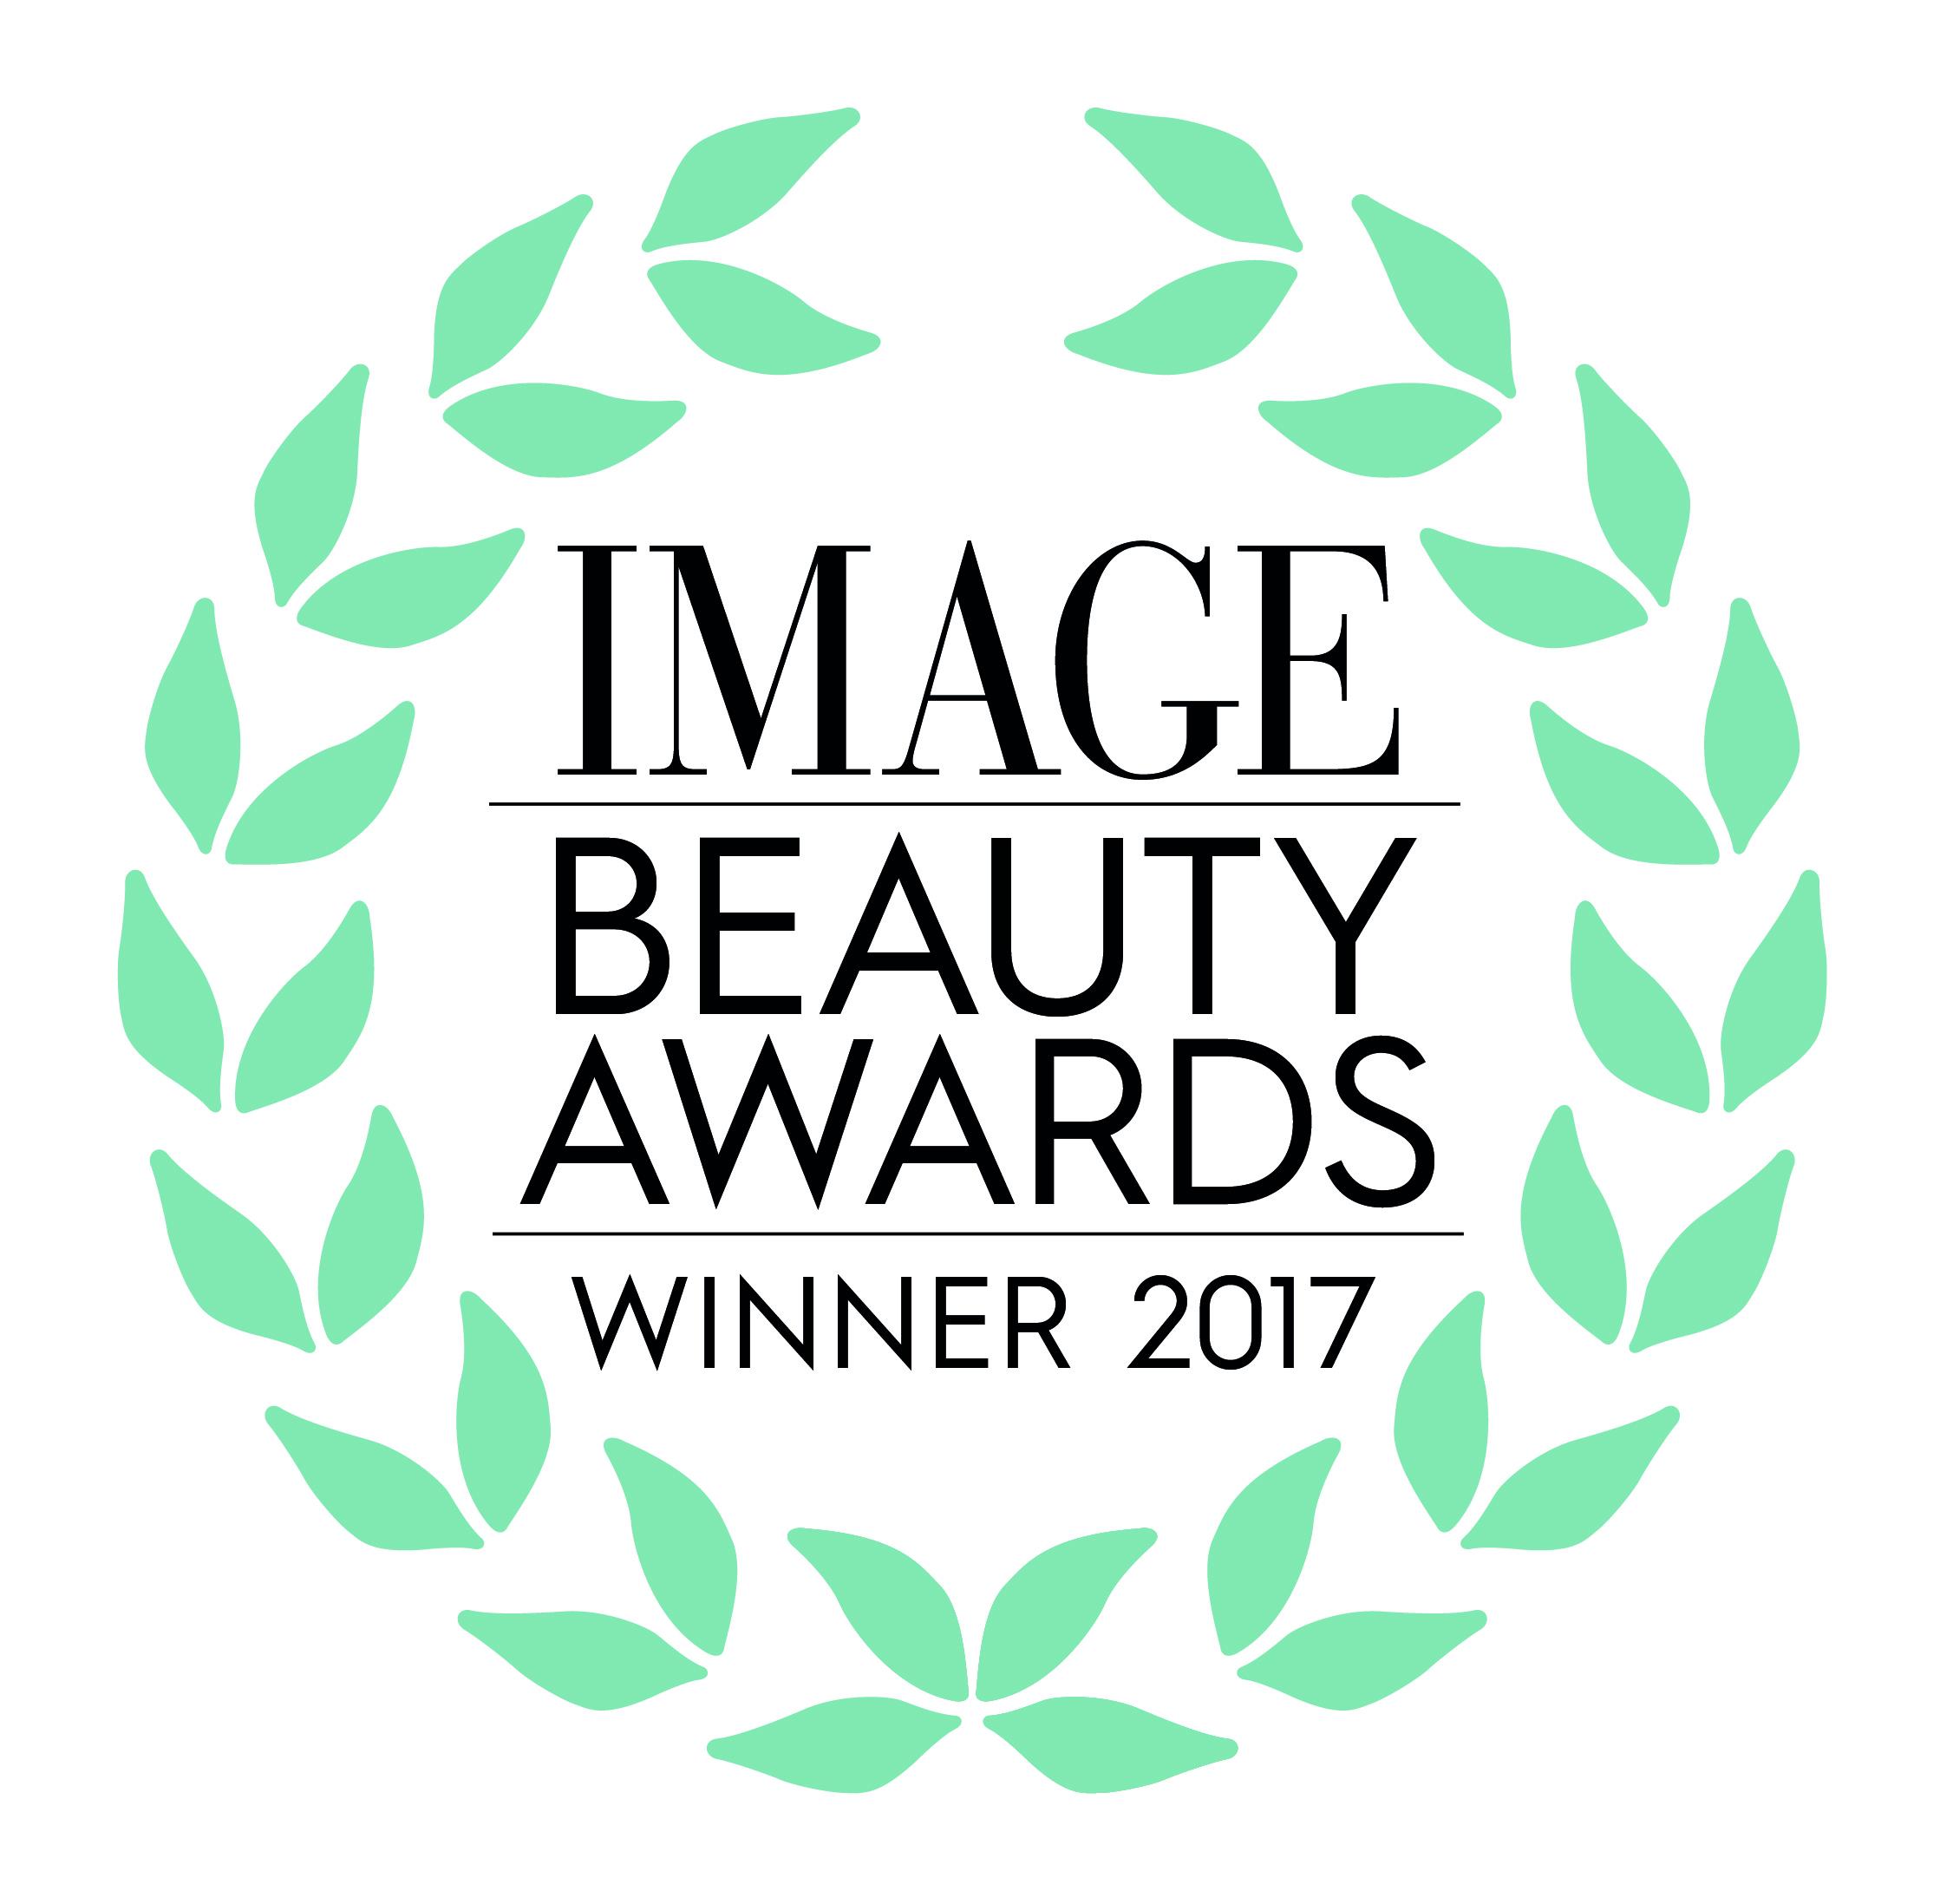 Image Beauty Awards Winner logo.jpg